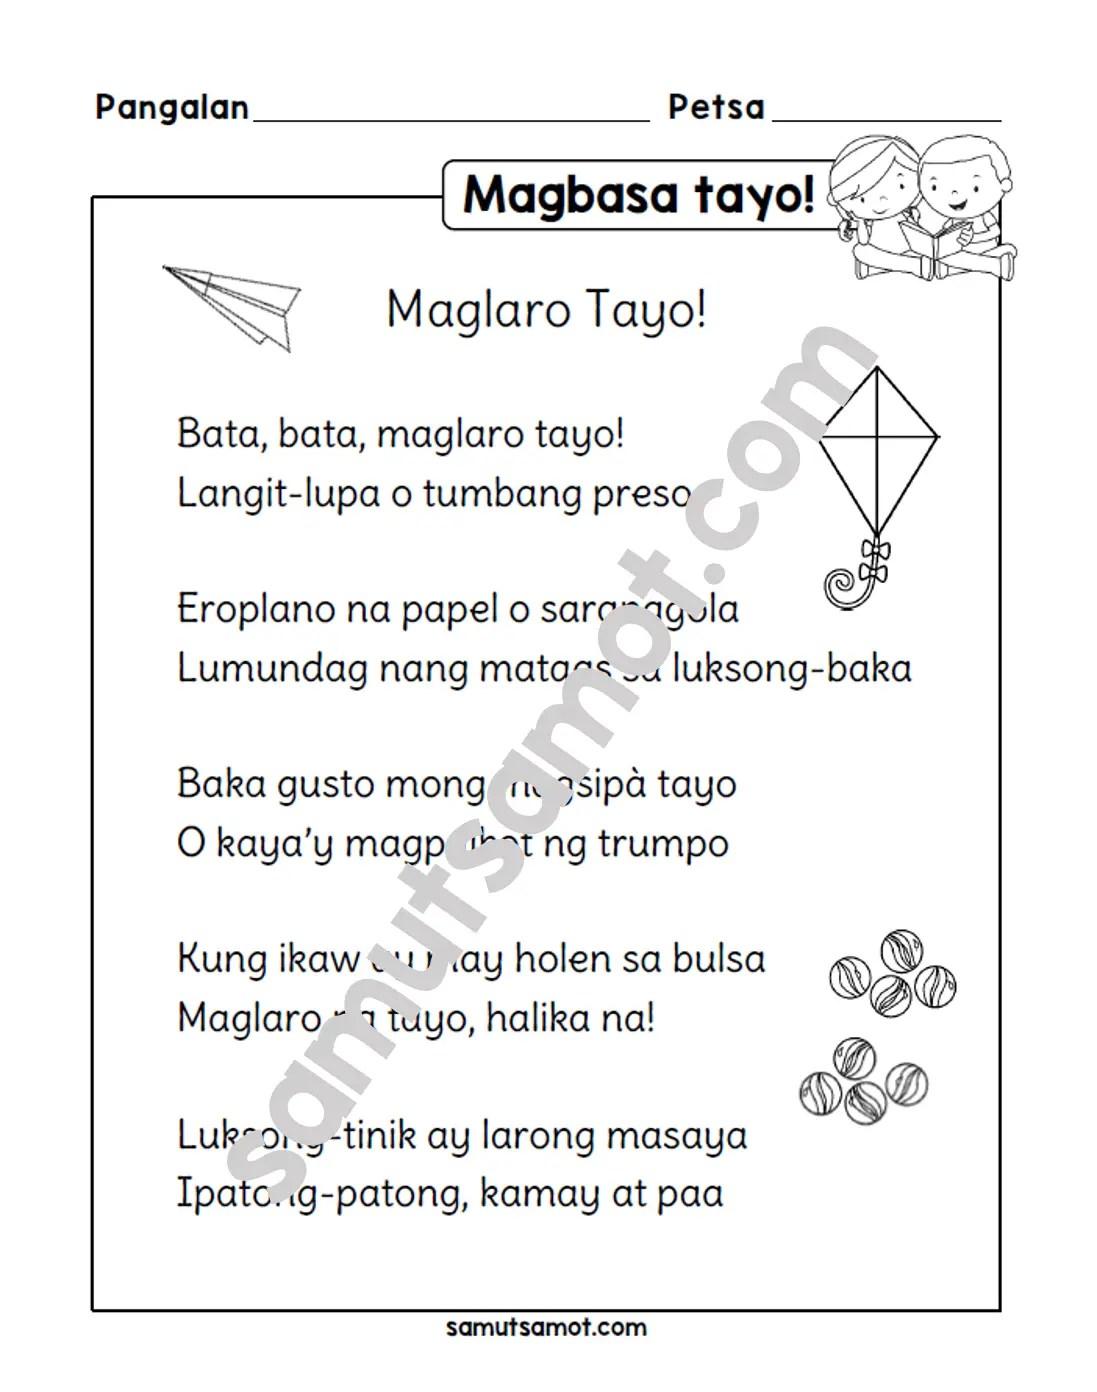 hight resolution of Tula: Maglaro Tayo! - Samut-samot